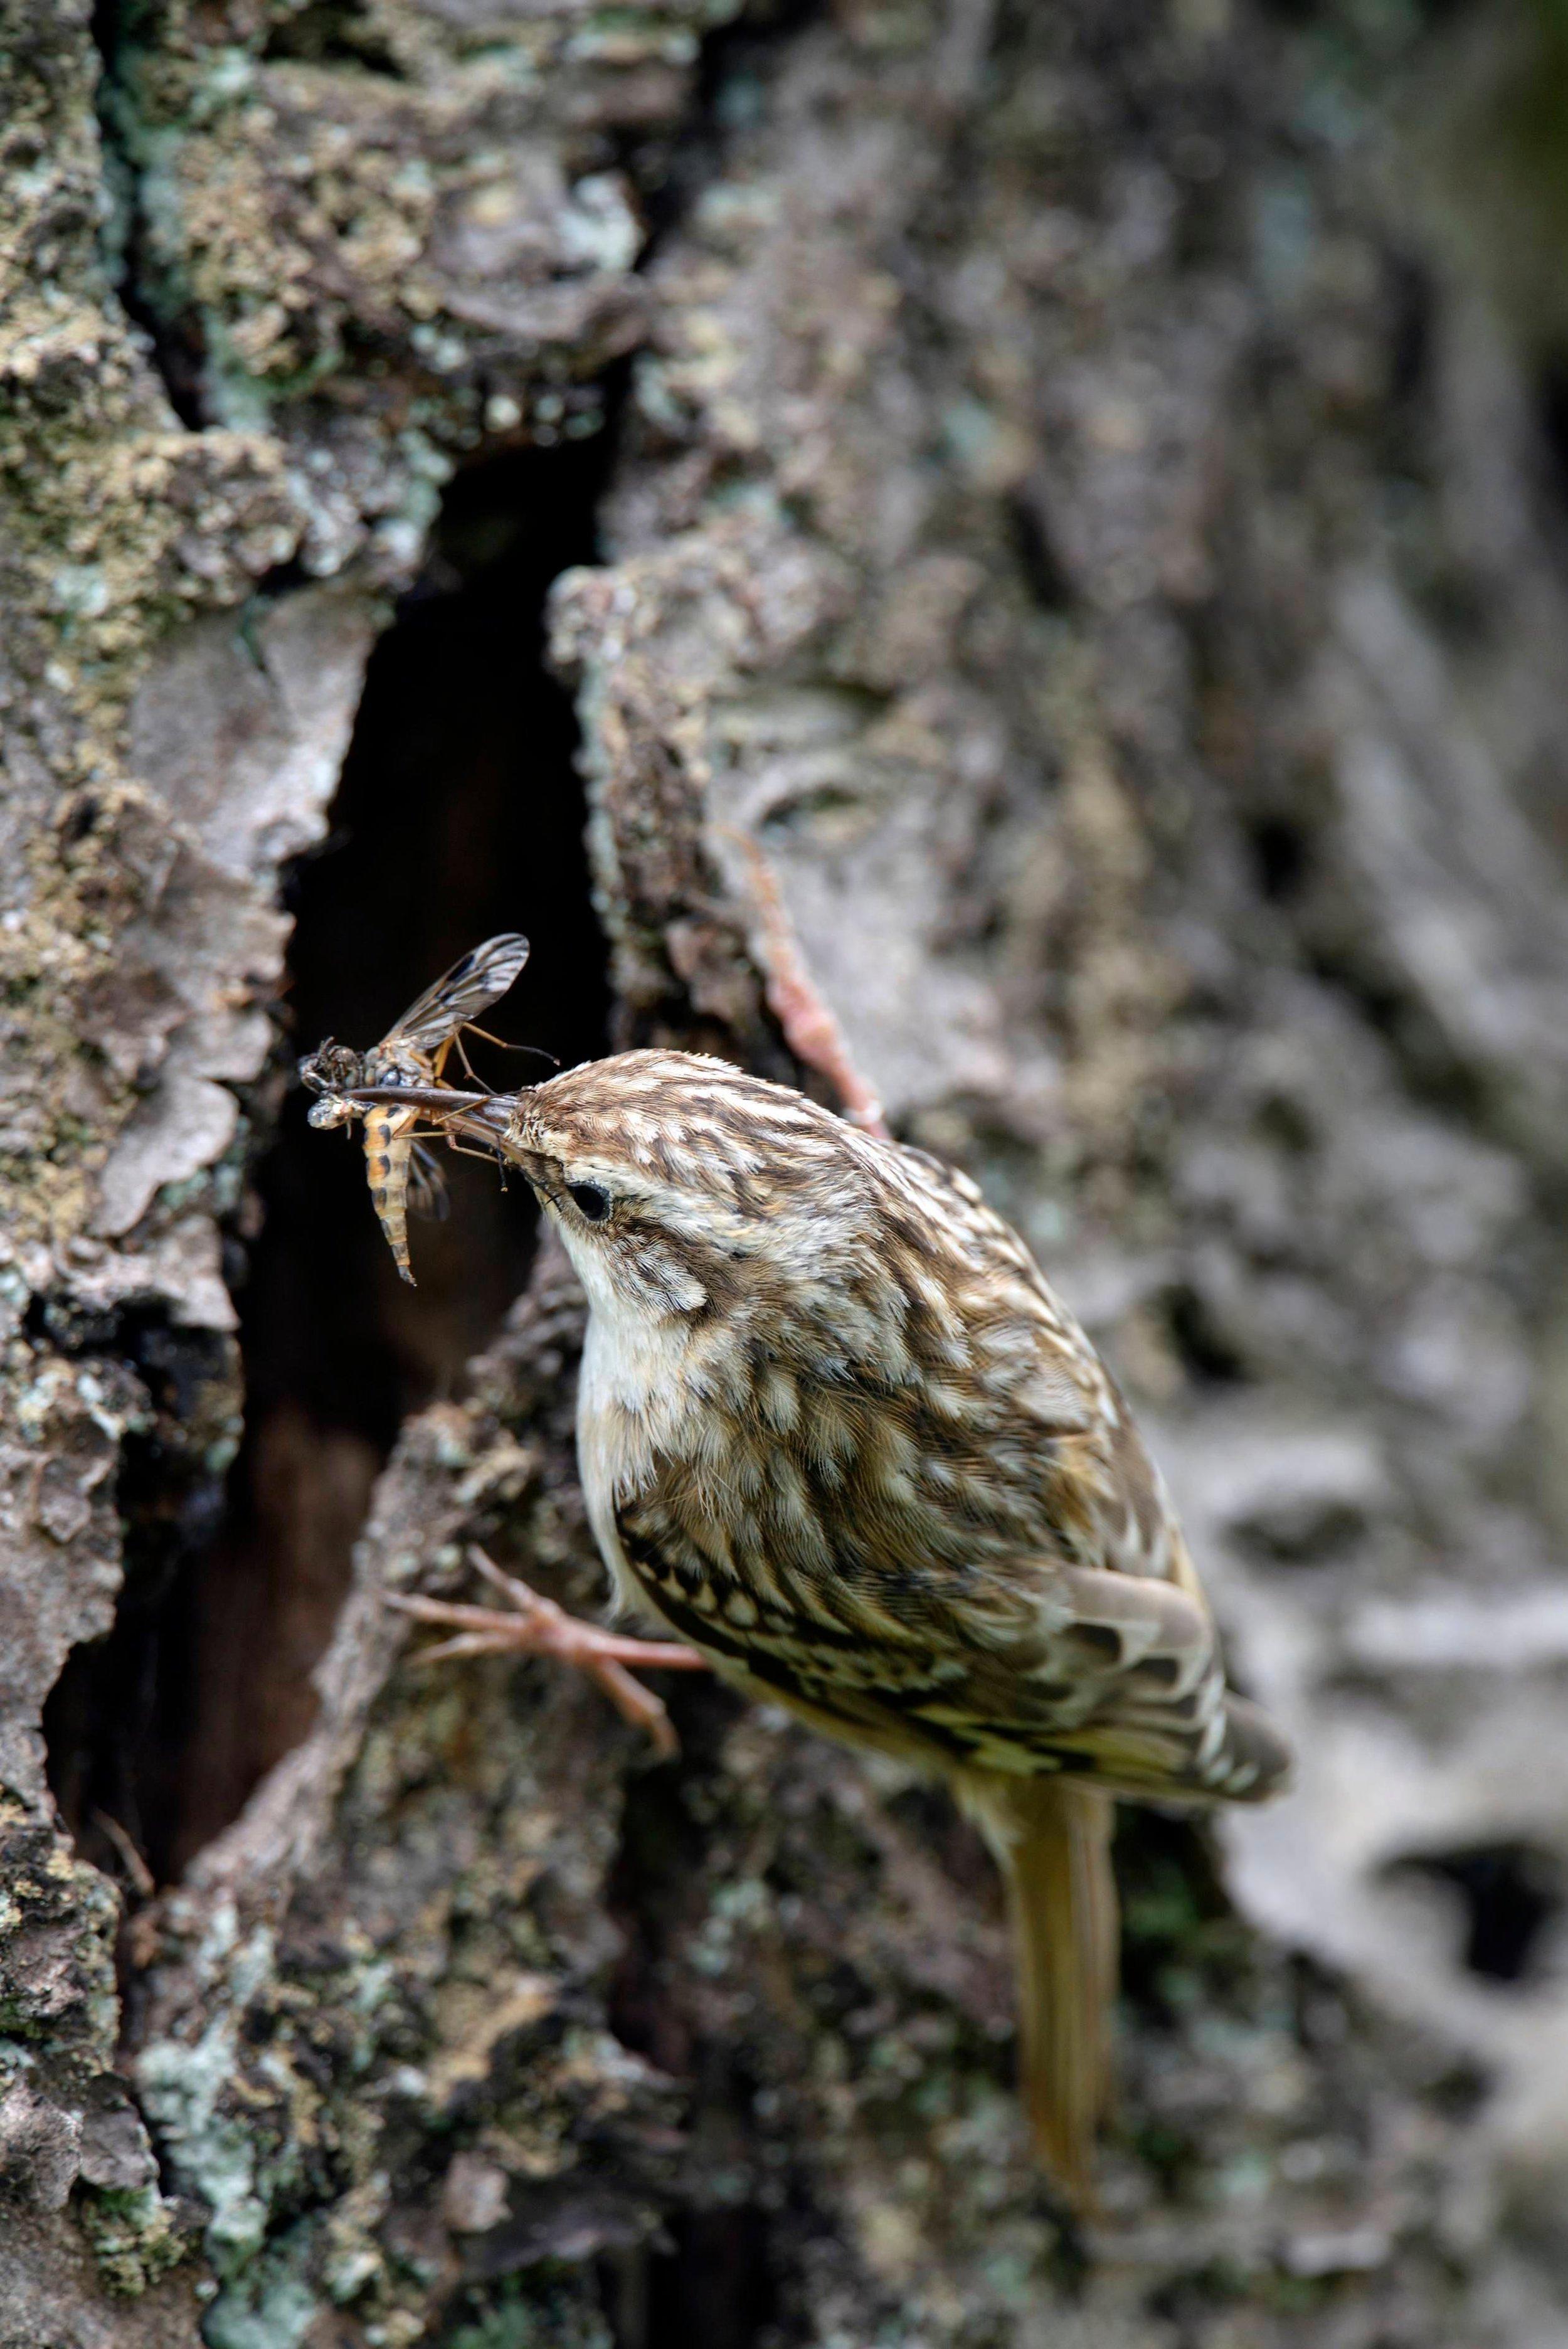 Treecreeper at the nest cavity